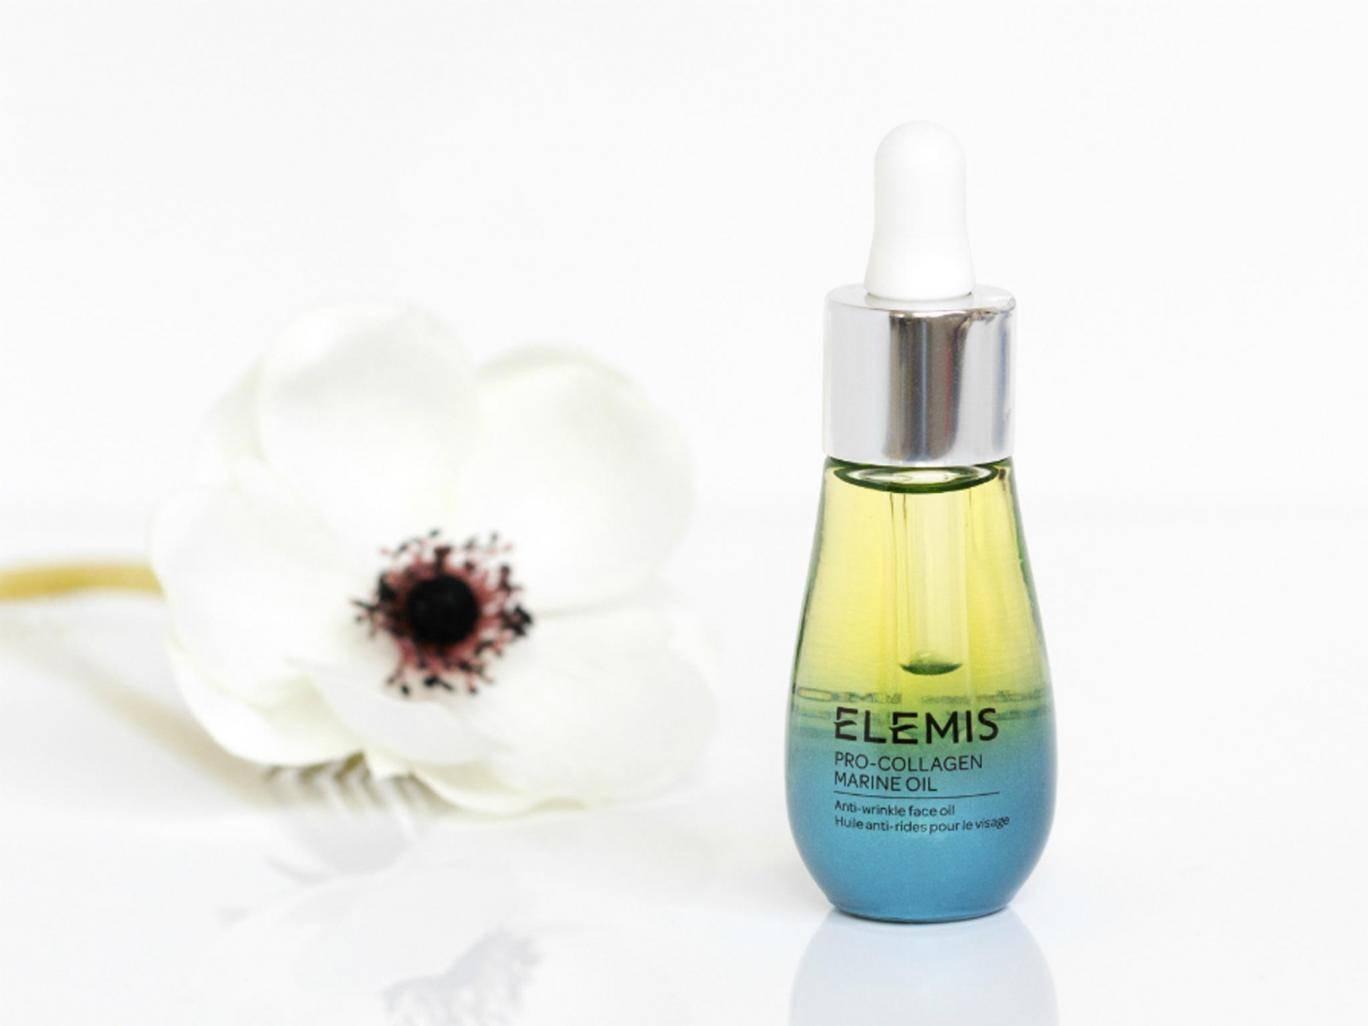 elemis-pro-collagen-marine-oil-sklad.jpg